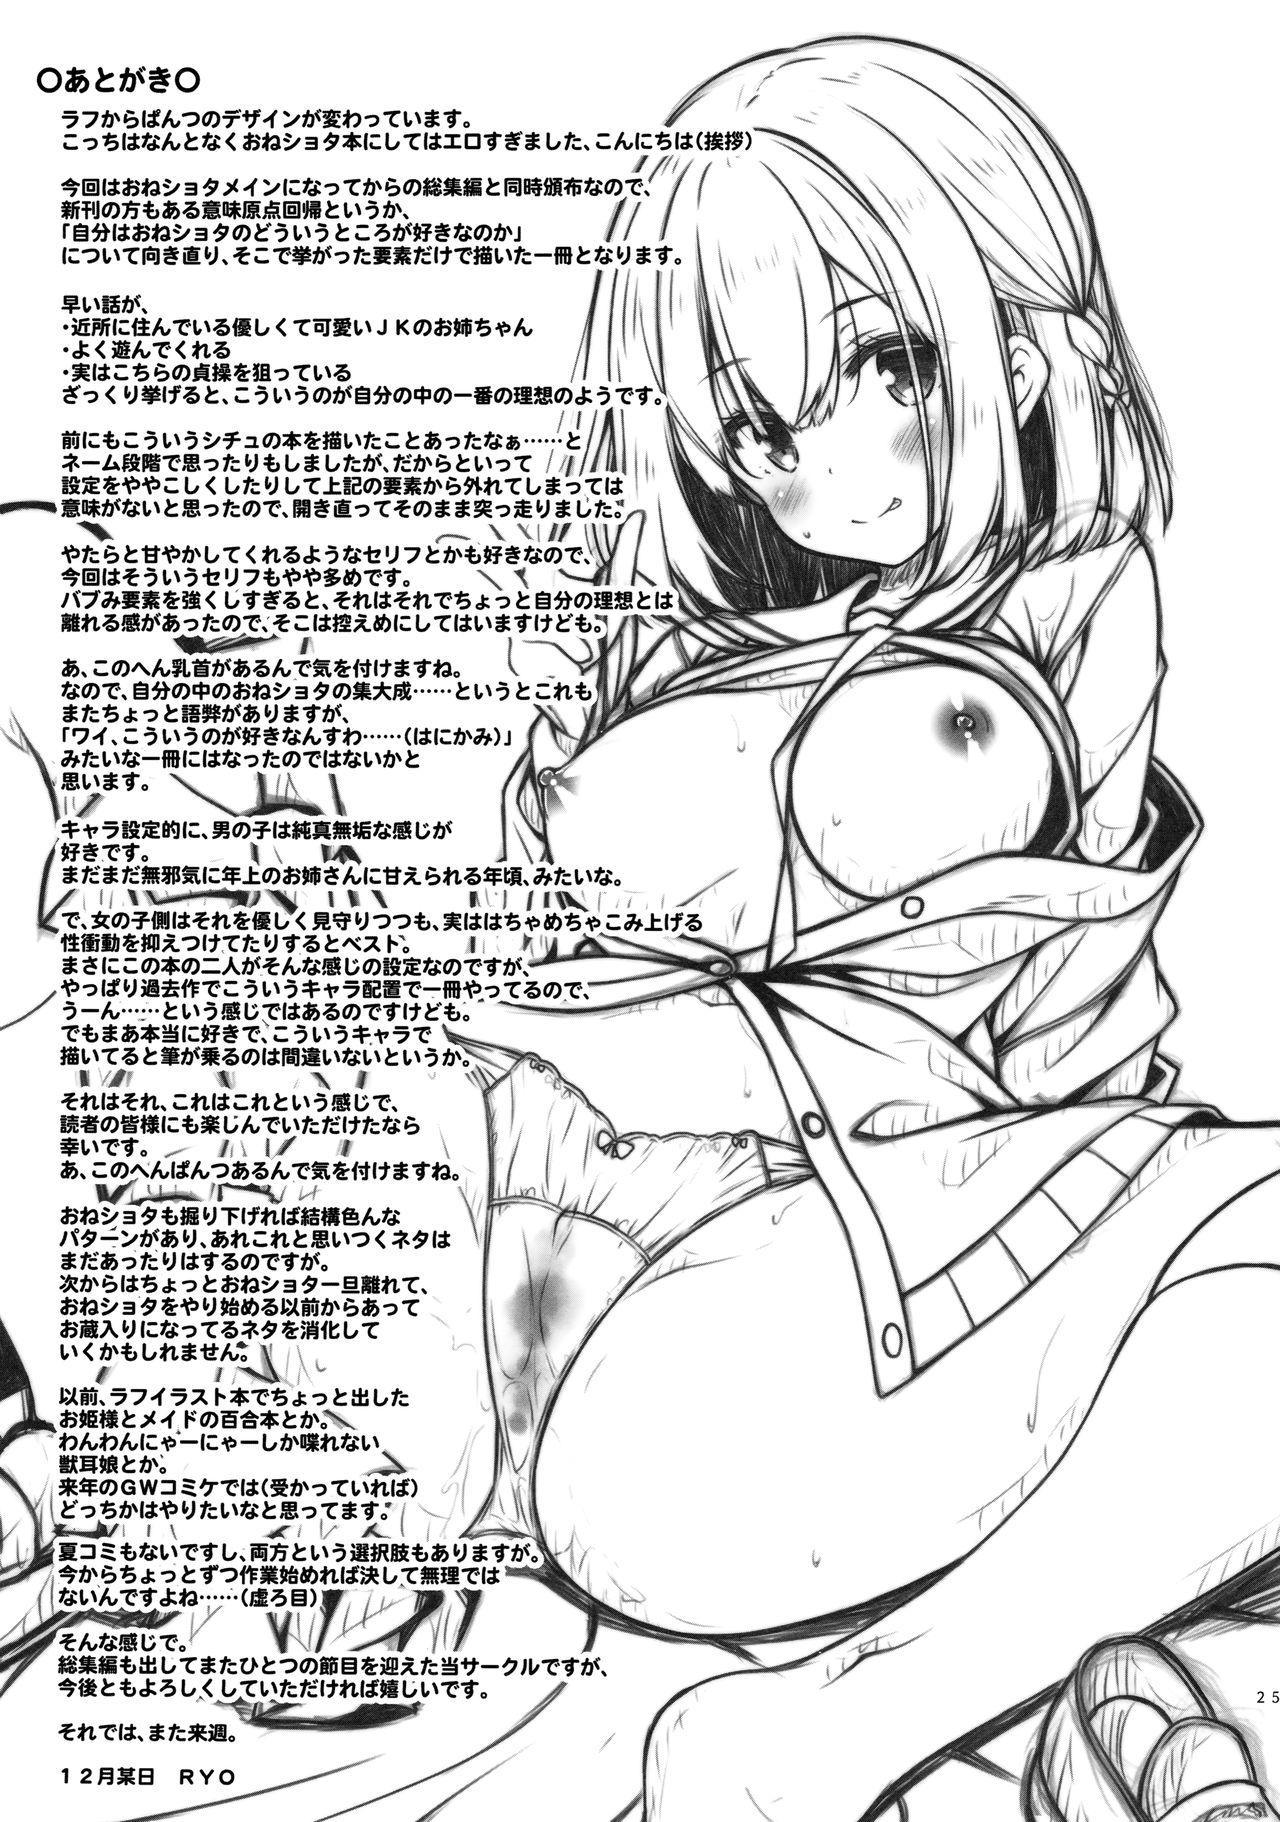 Otonari no Otokonoko ga Kawaisugite Gaman Dekinai node Ecchi na Itazura Shichaimasu. 23